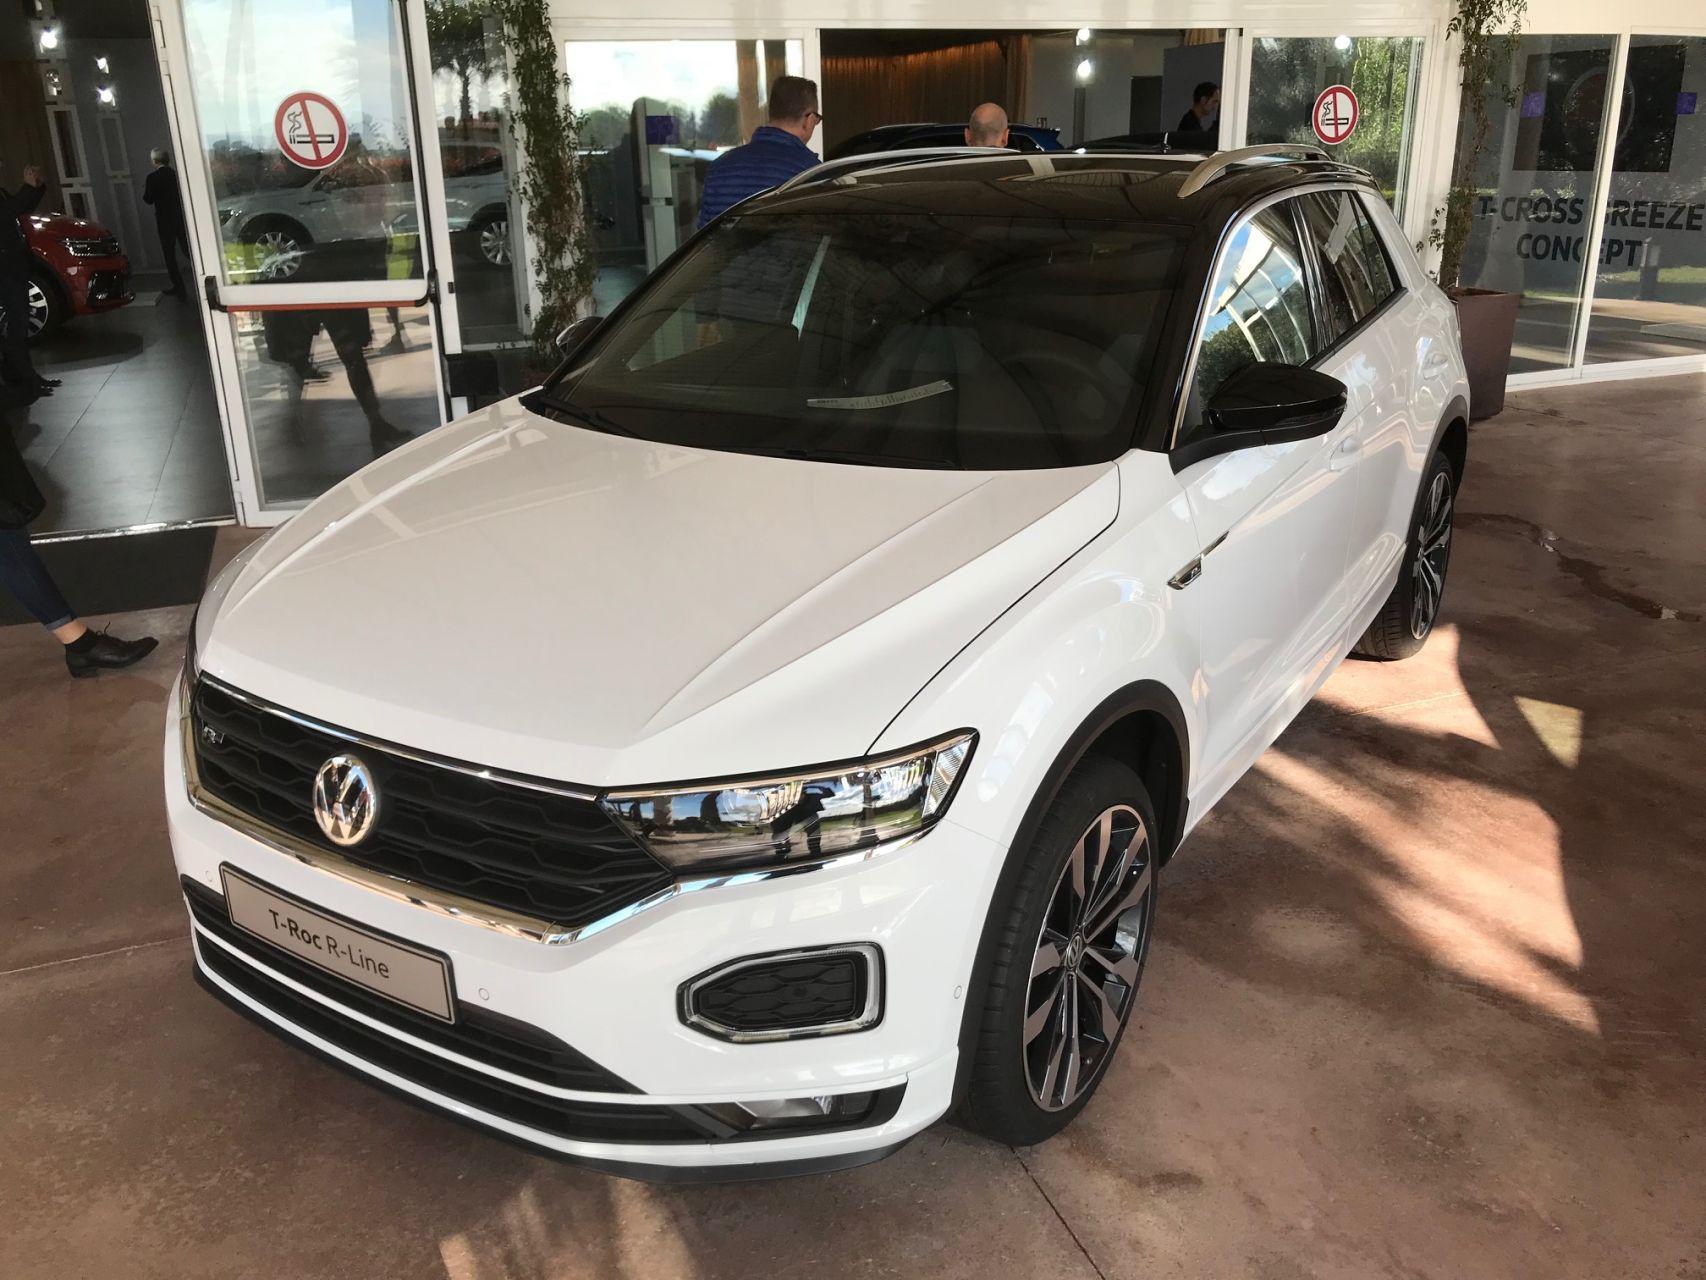 LINO FORTI RivenditA autorizzatA assistenza Volkswagen E SKODA